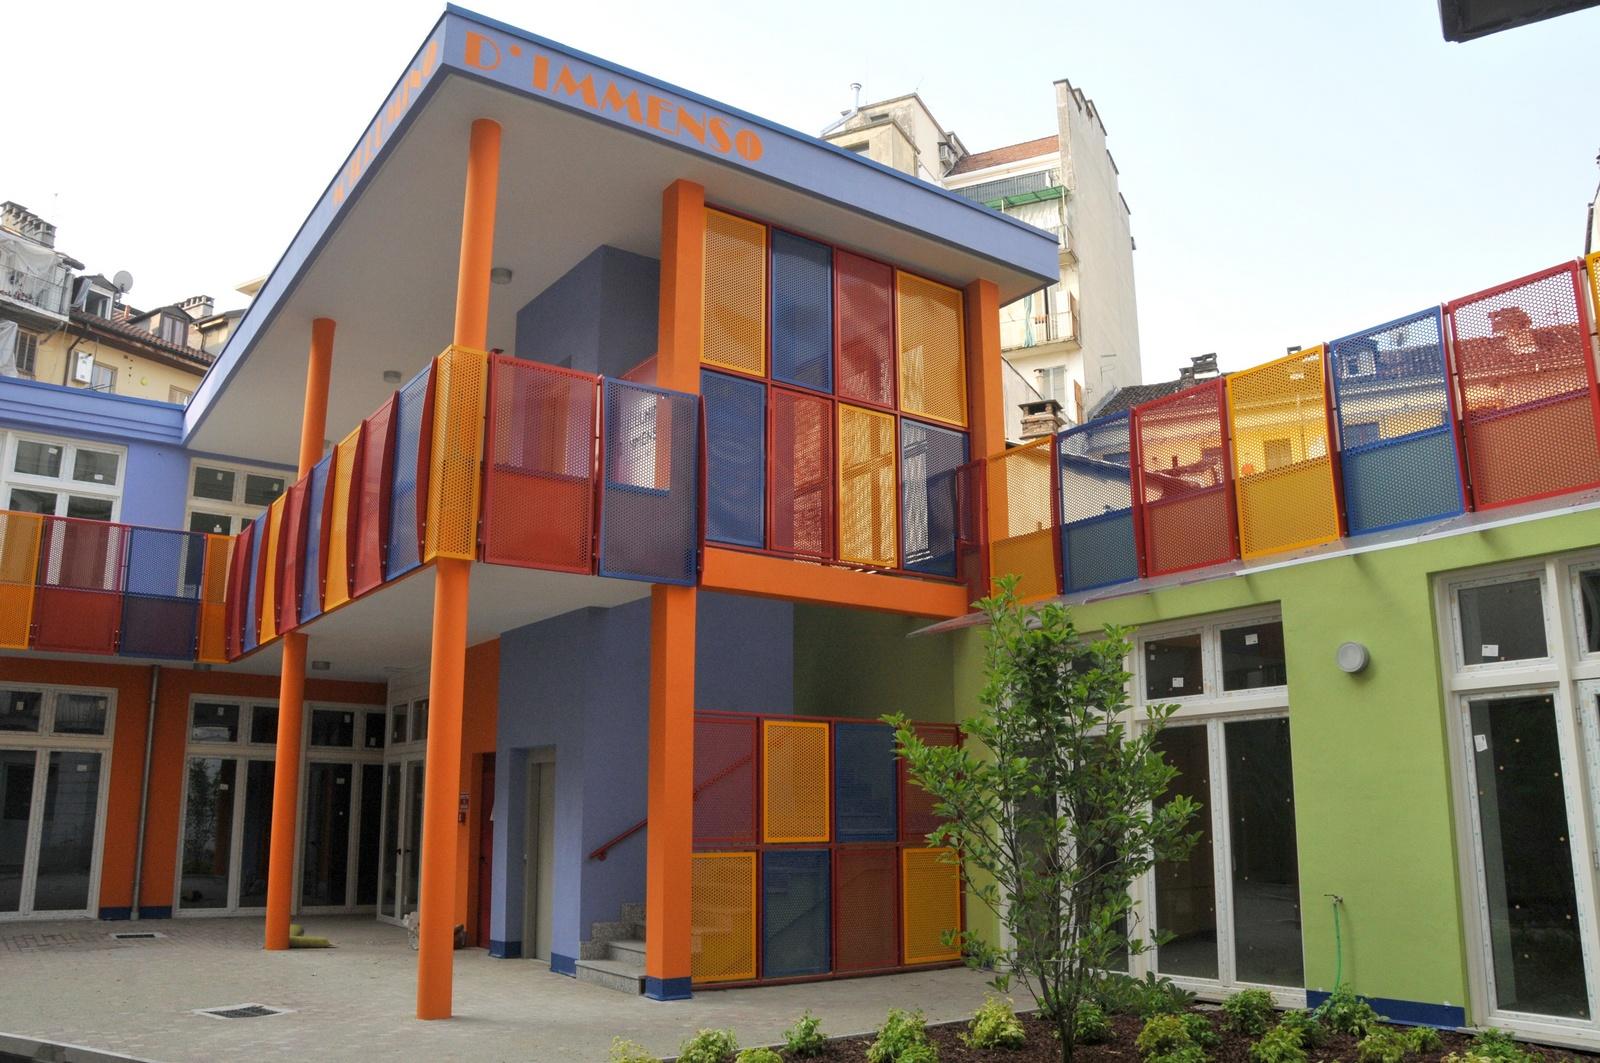 Sul tetto del Centro culturale Lombroso in San Salvario a Torino sarà realizzato un orto condiviso